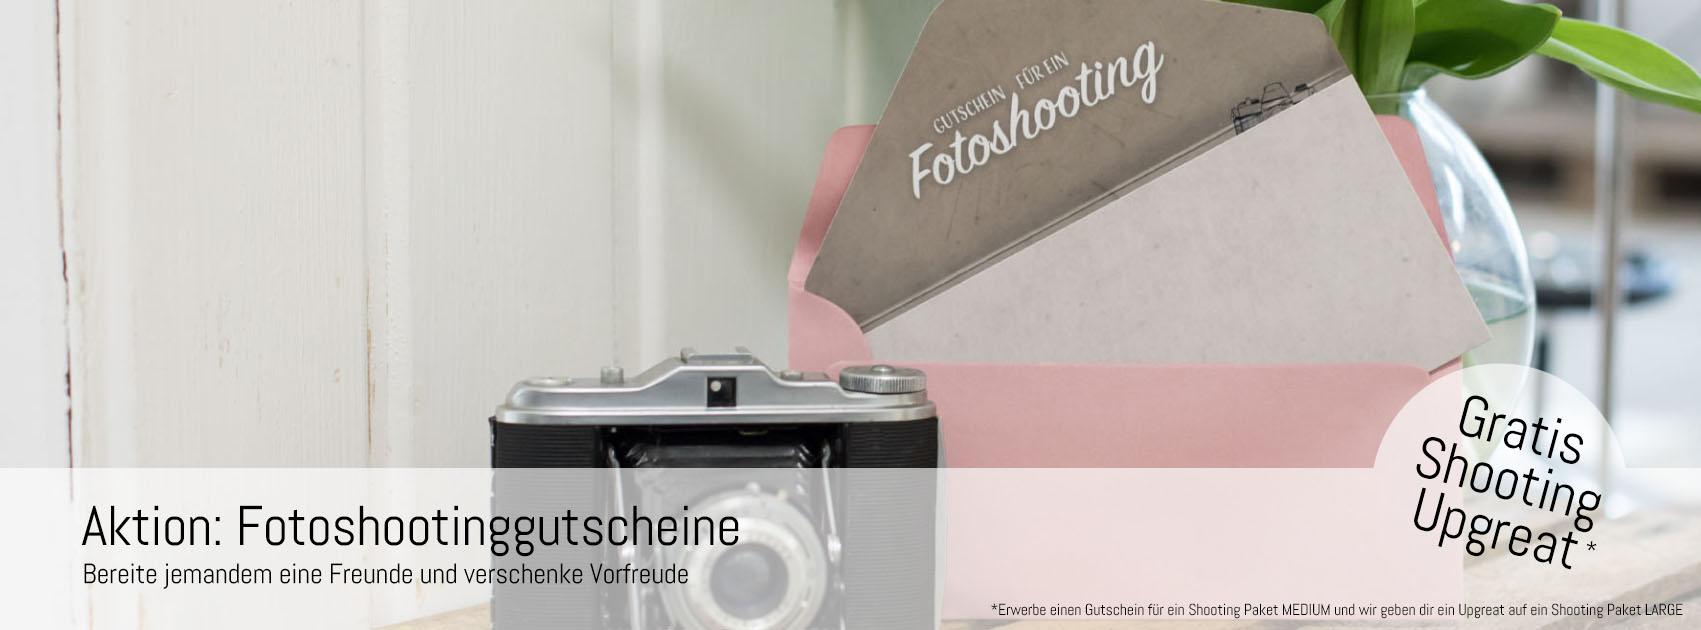 AKTION FOTOSHOOTINGGUTSCHEIN: VORFREUDE VERSCHENKEN